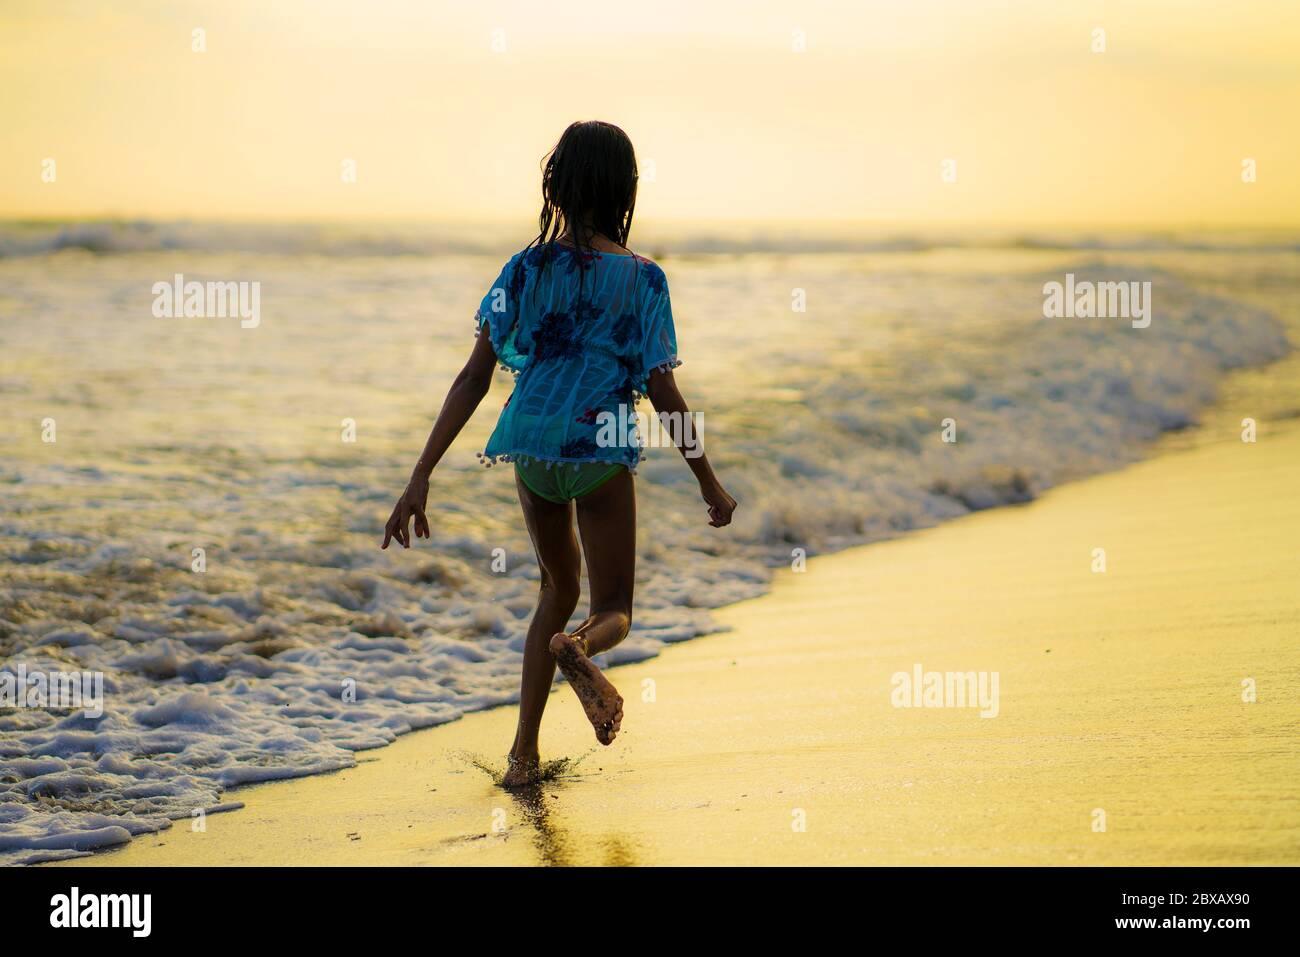 Espalda seguimiento gimbal tiro a pie de 7 u 8 años de edad Indonesia asiática niña corriendo feliz en la hermosa playa disfrutando de vacaciones de verano en childho Foto de stock